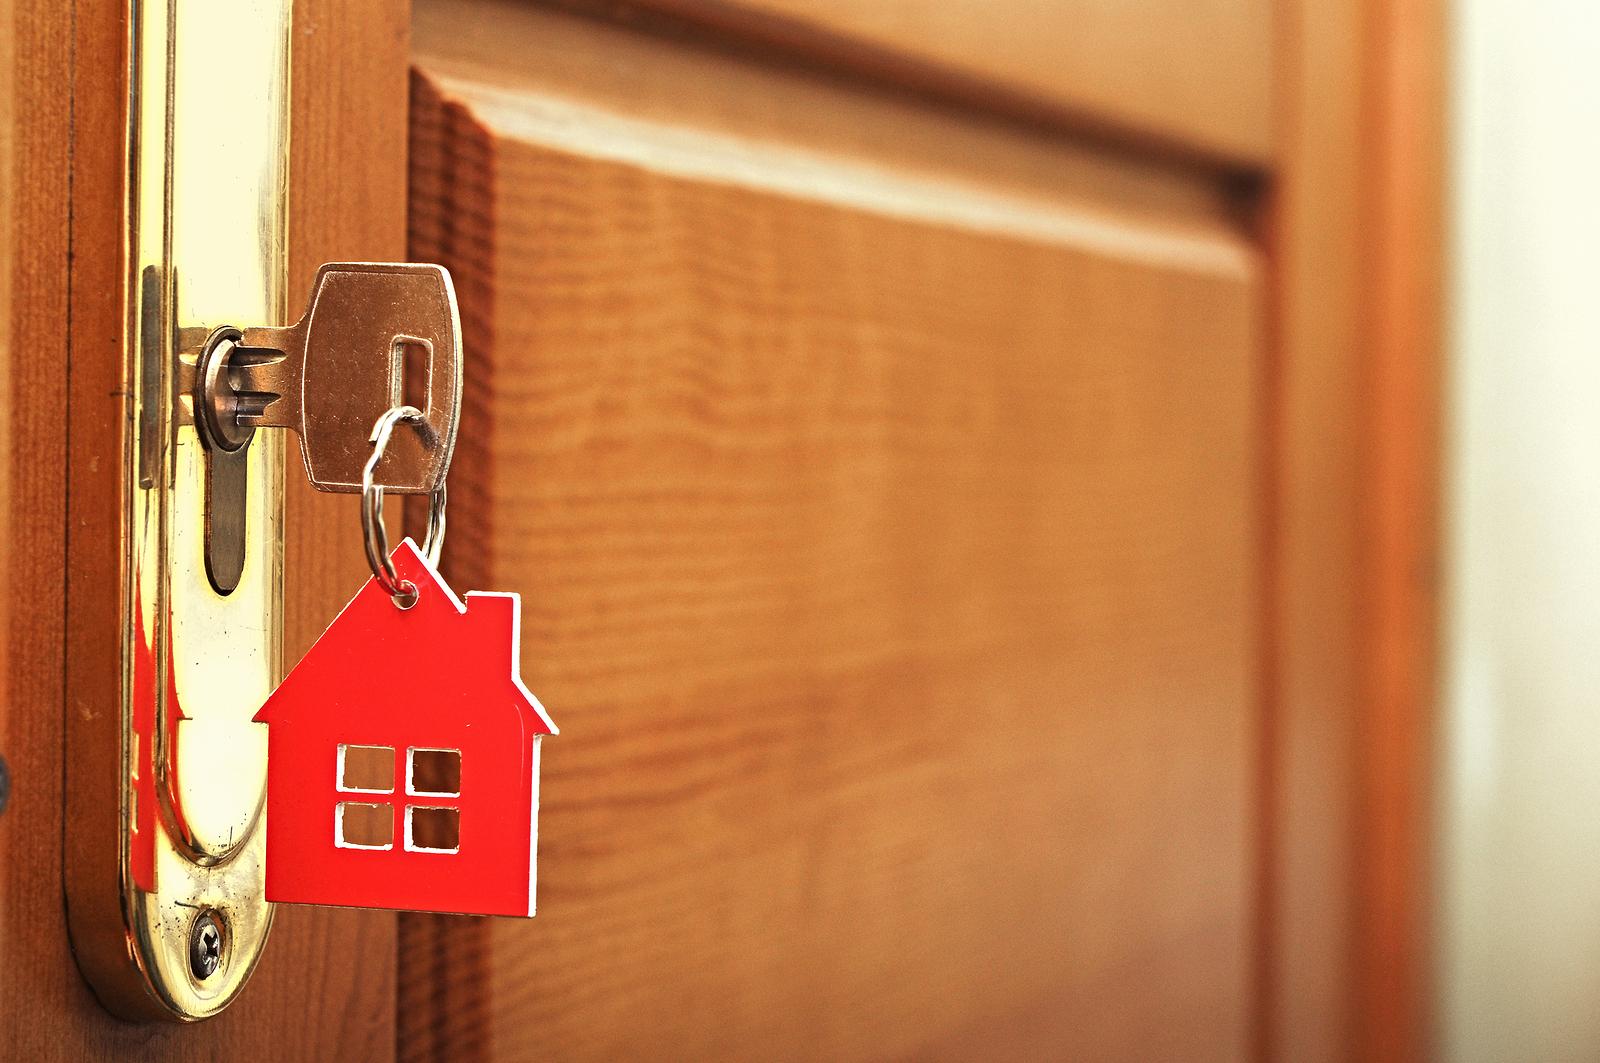 Сотрудницы вологодского агентства недвижимости сдавали одну квартиру нескольким клиентам